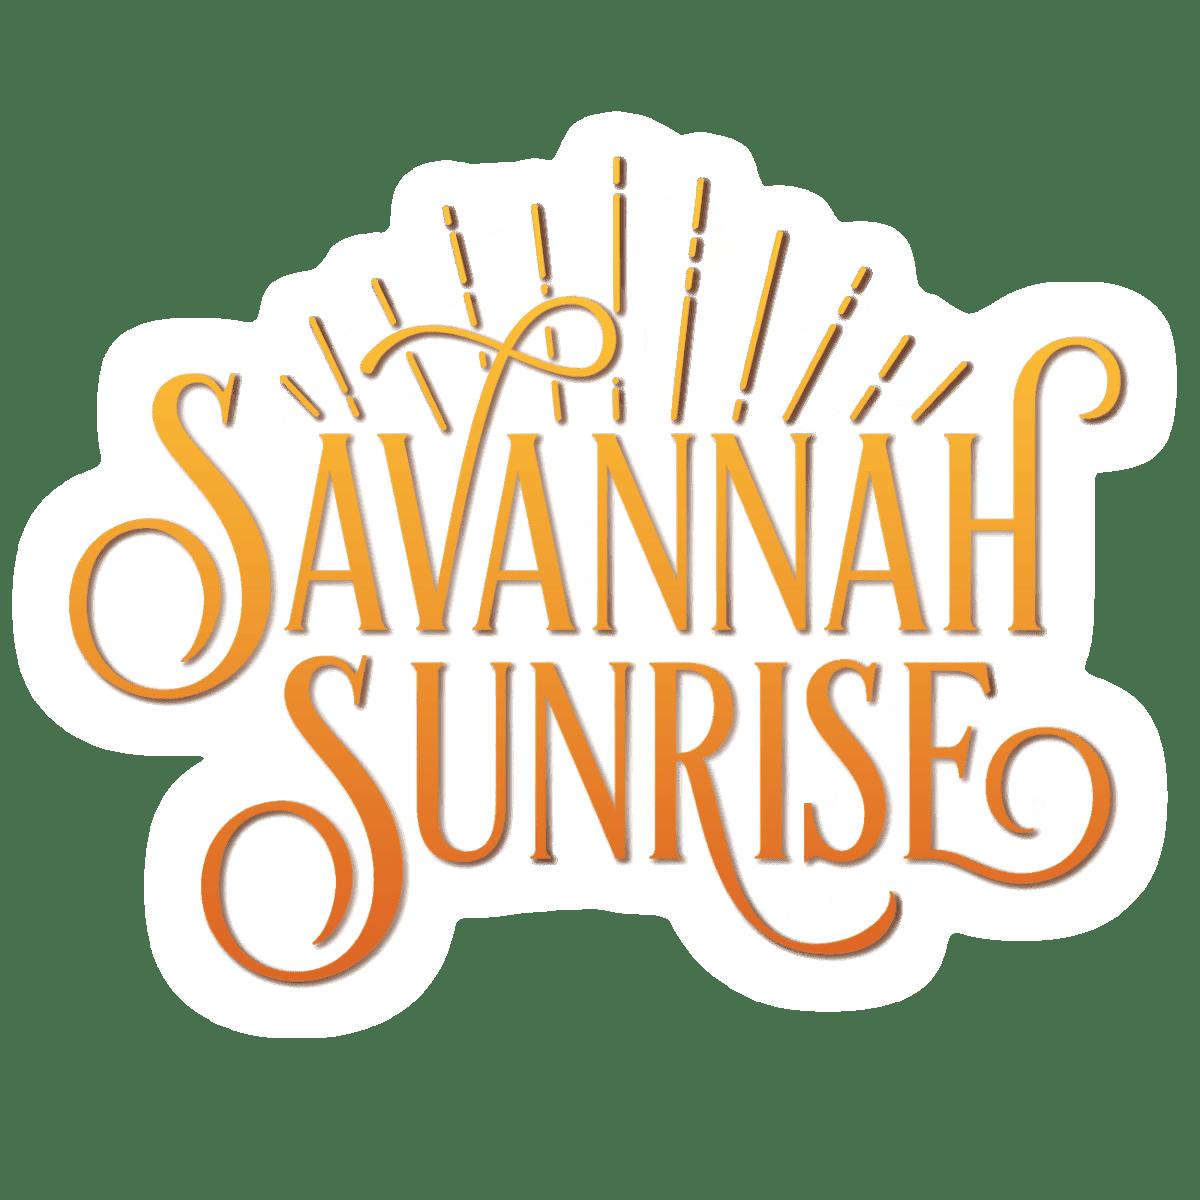 Savannah Sunrise logo